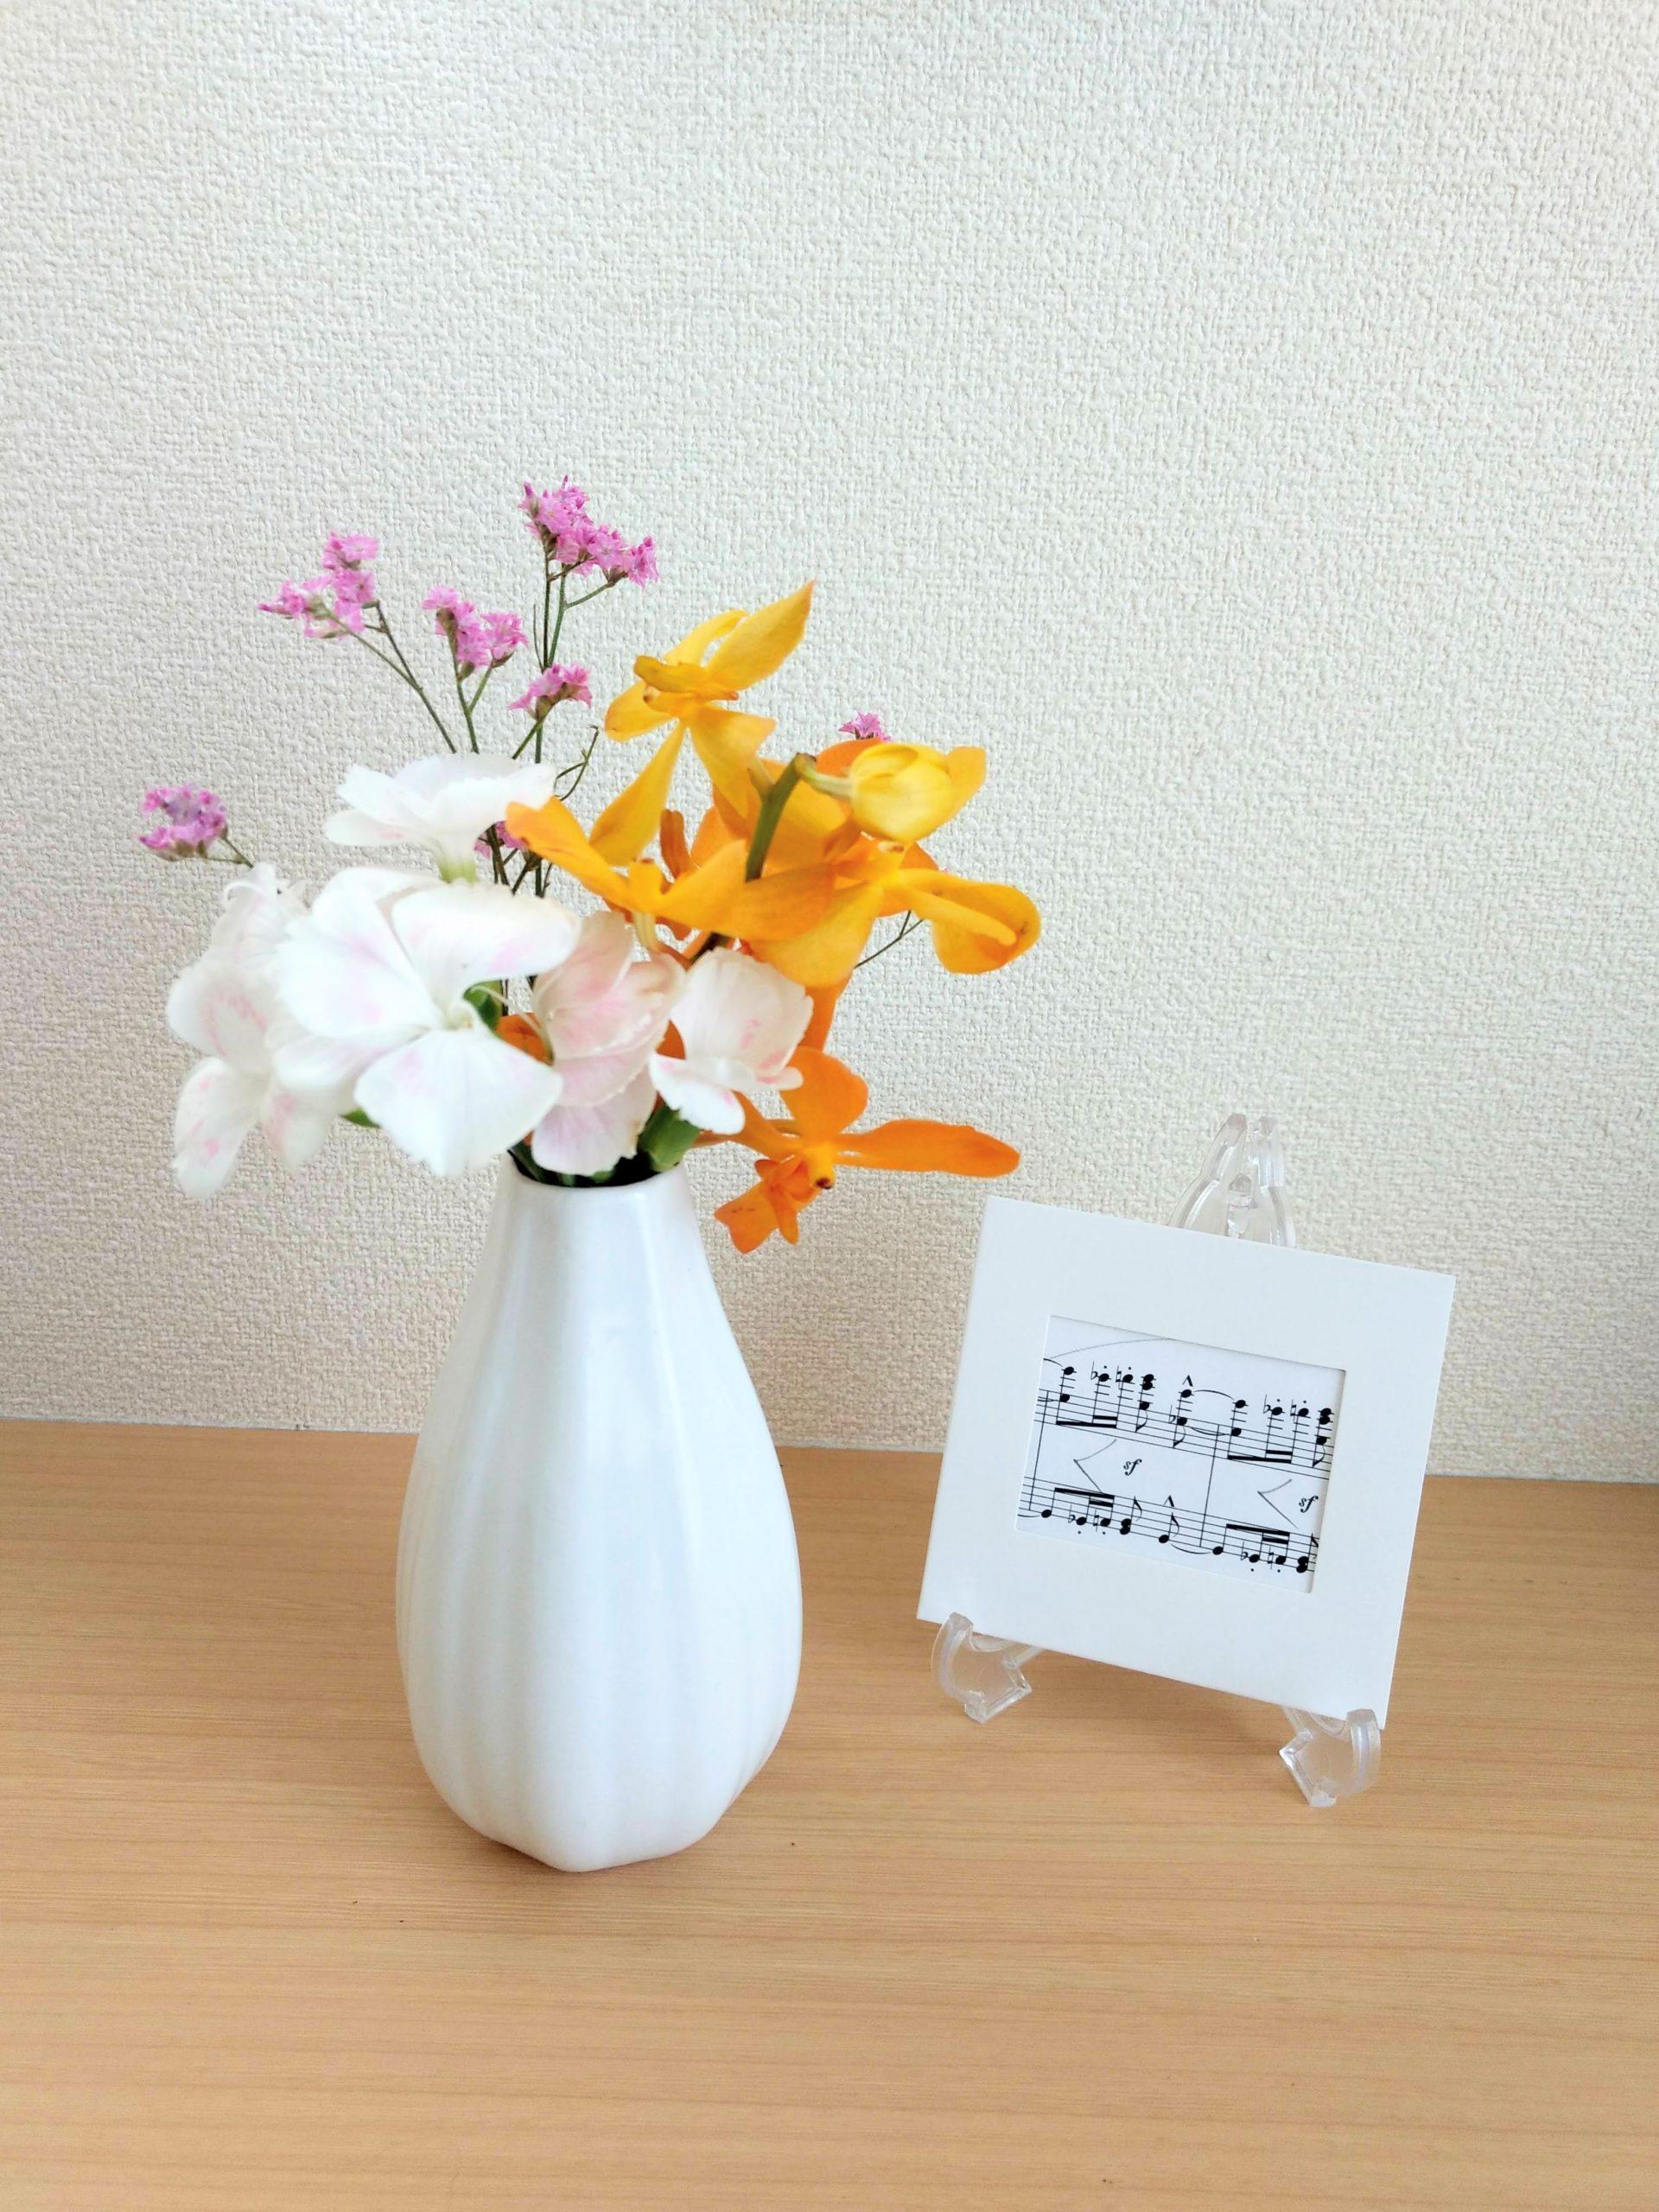 ダイソーの花瓶に飾ったモカラの画像